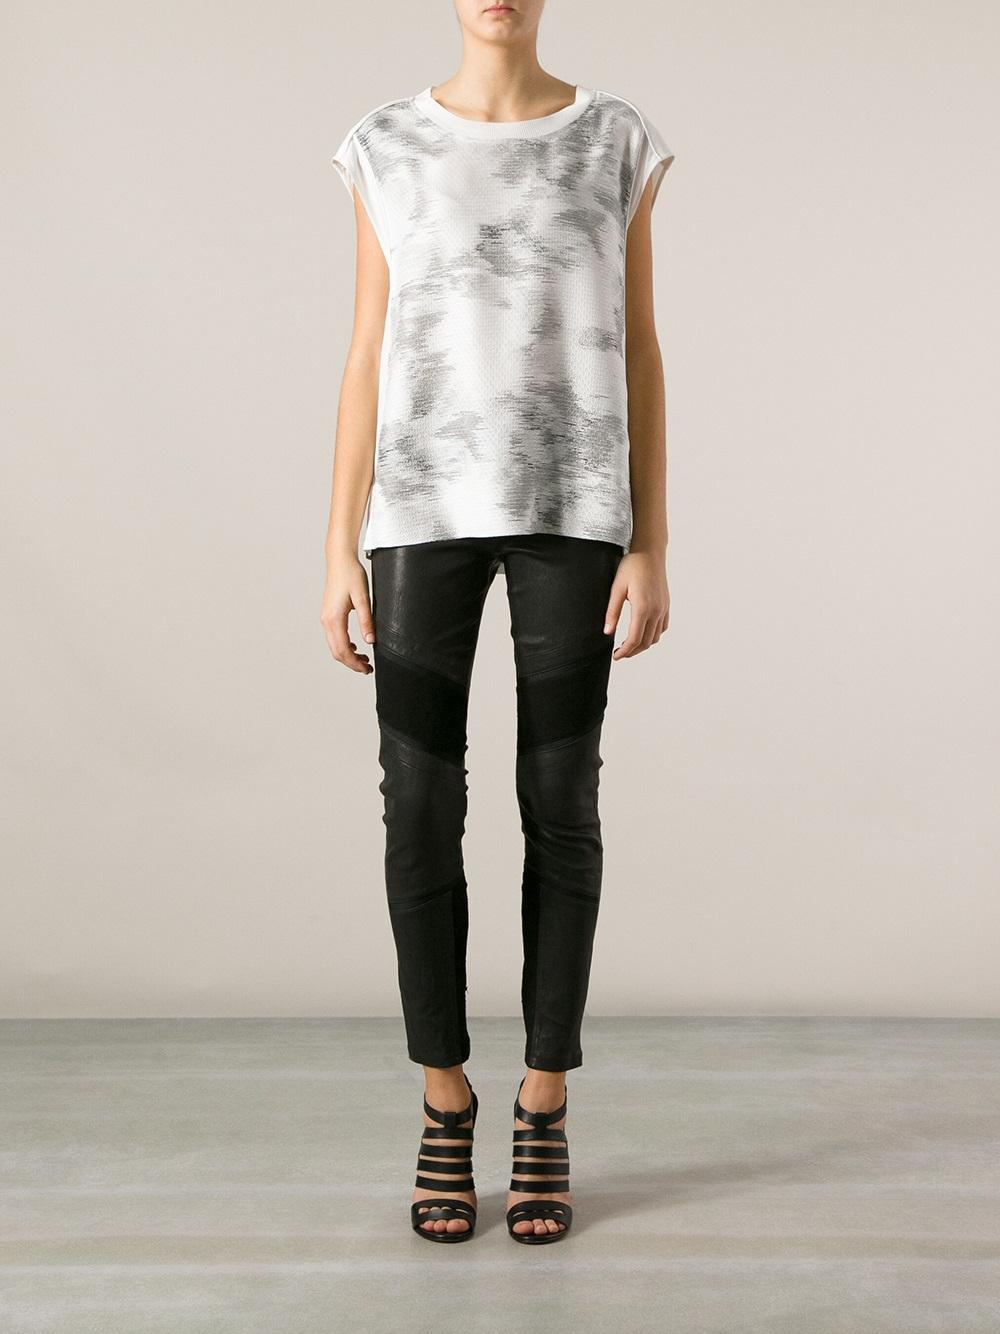 IRO Hoani Tshirt in White